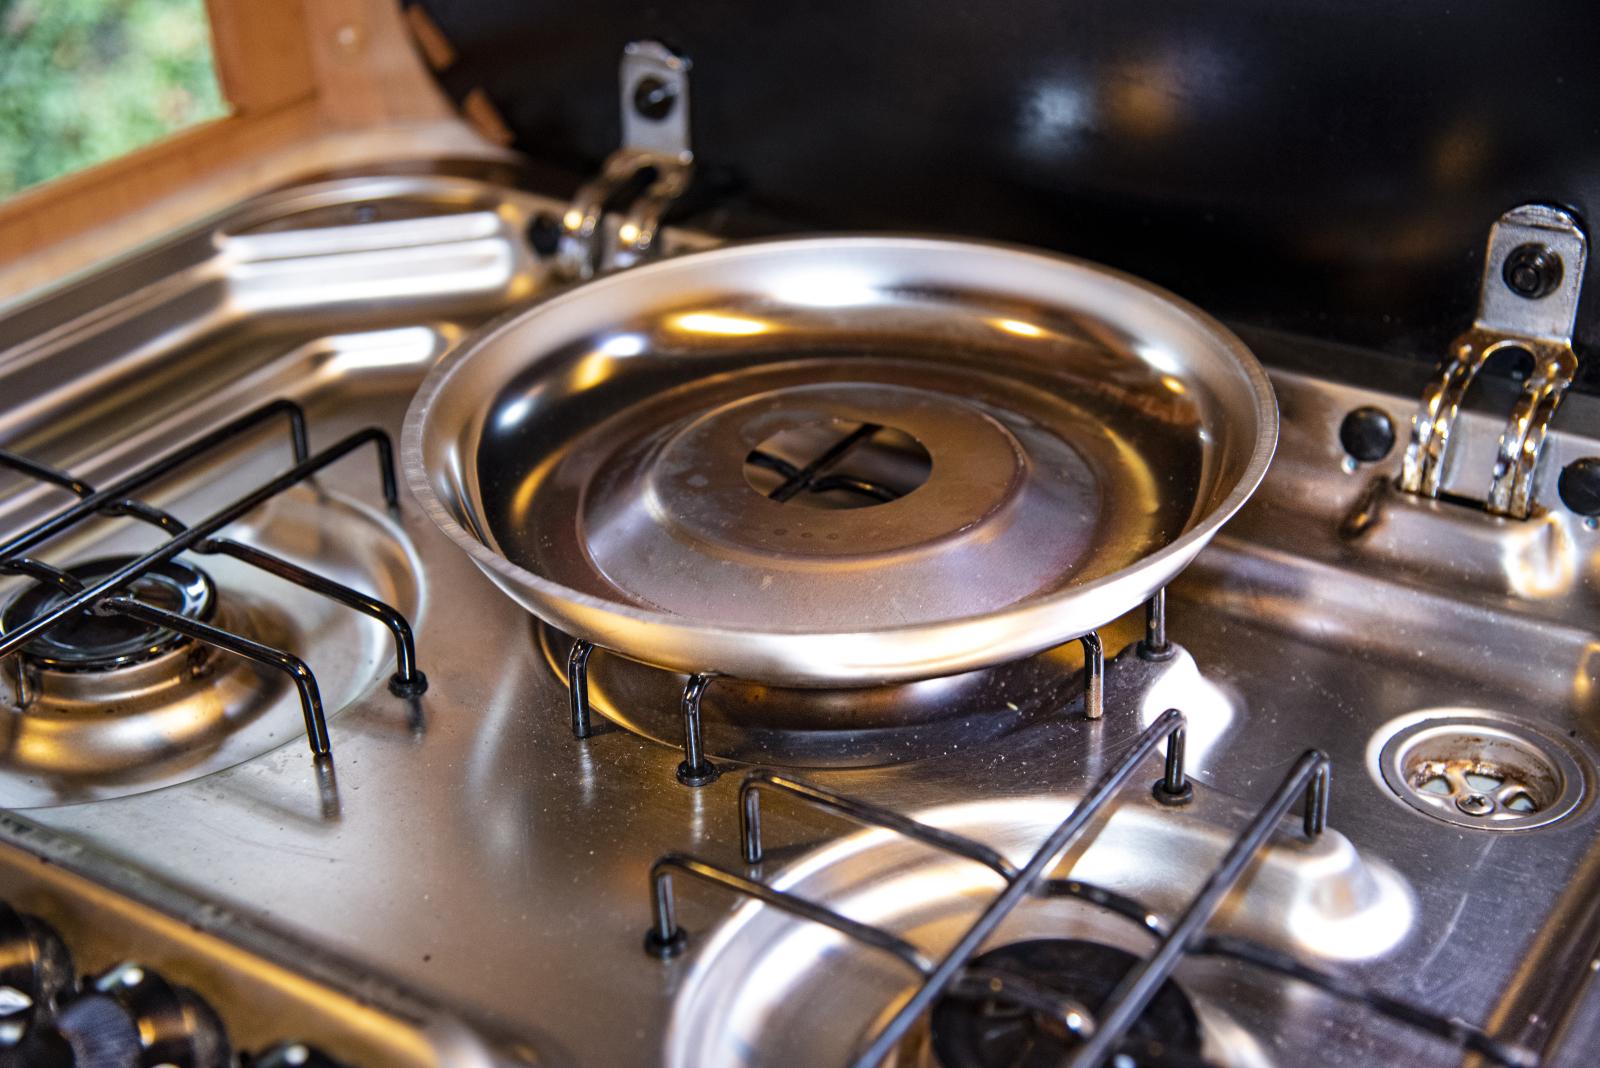 Das Untergestell sorgt für die Unterhitze. Es ist aus Edelstahl und verteilt die Hitze der Kochplatte gleichmäßig.